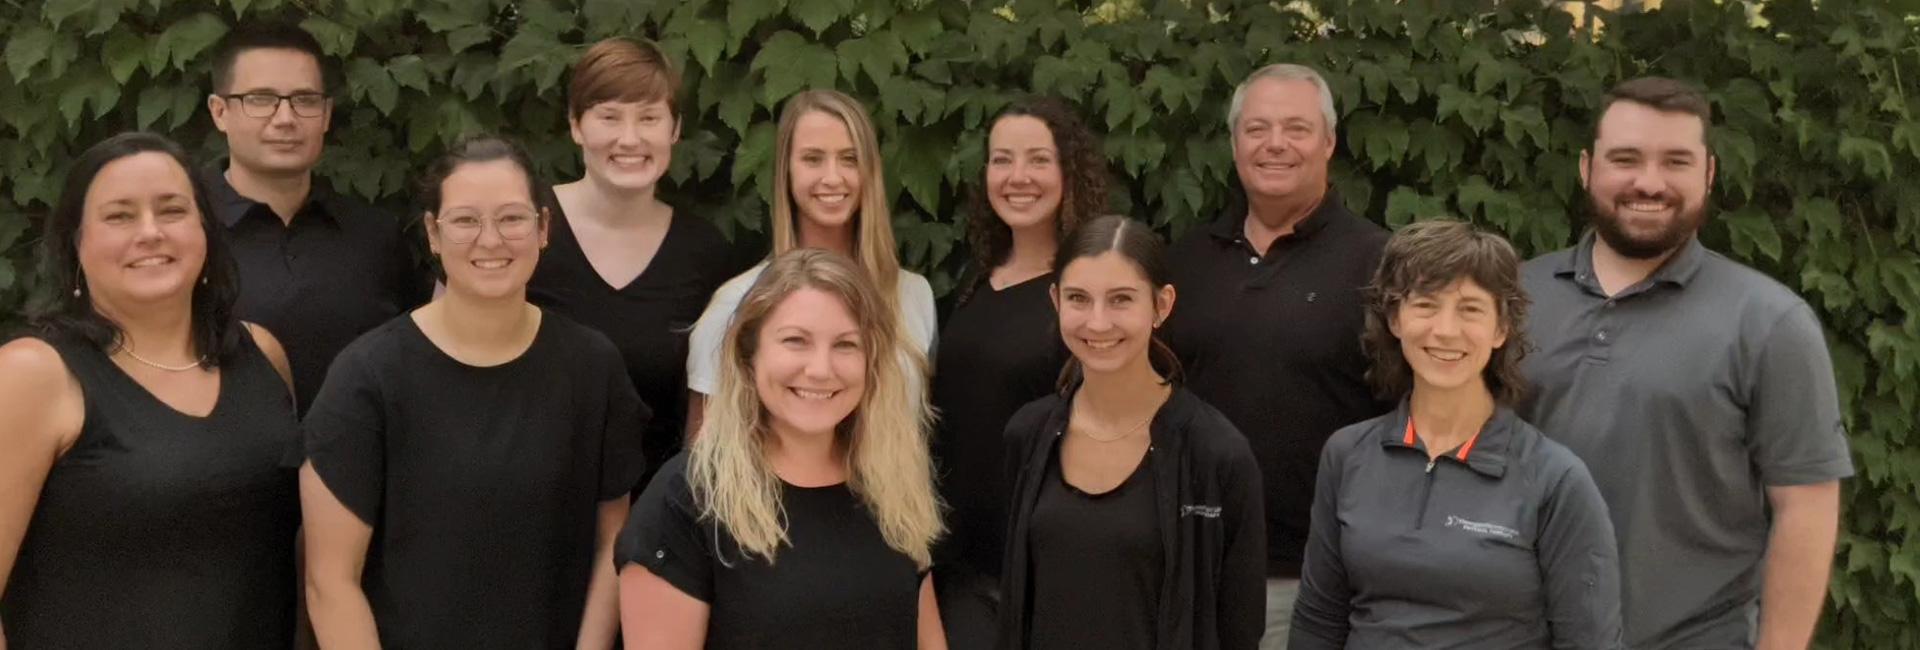 Crescent Village Team_2021